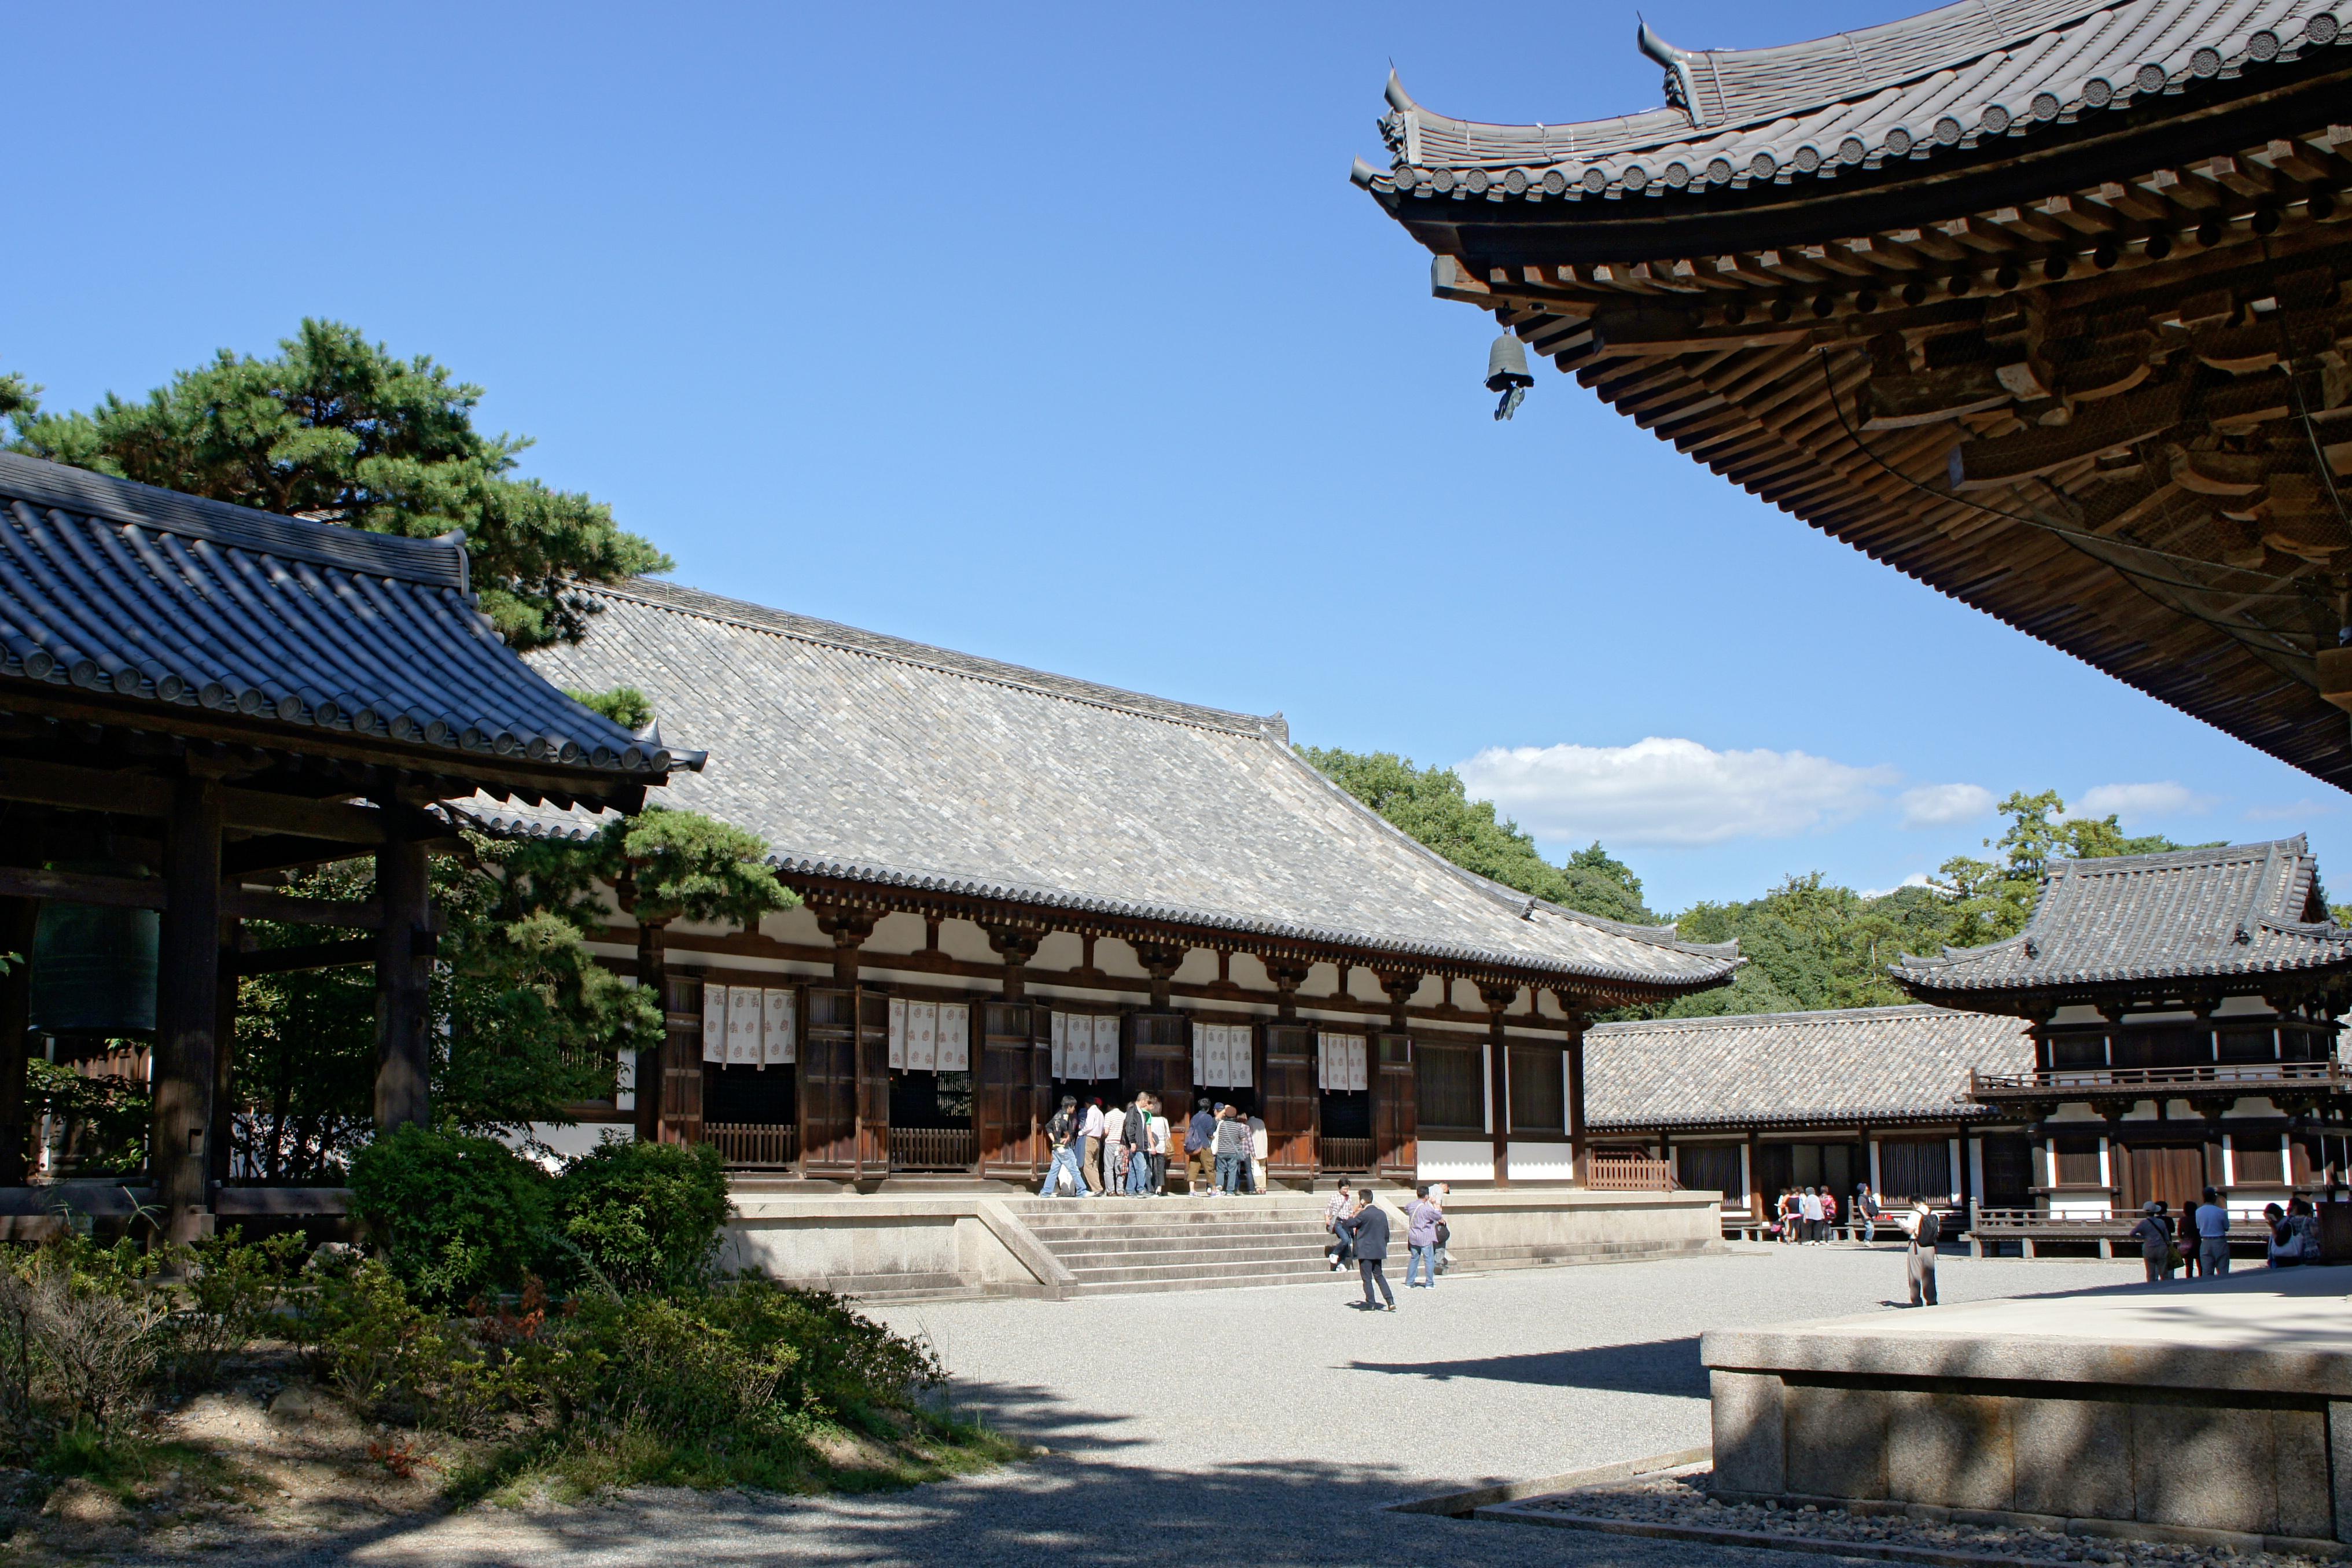 唐昭提寺(663highland/維基百科提供)